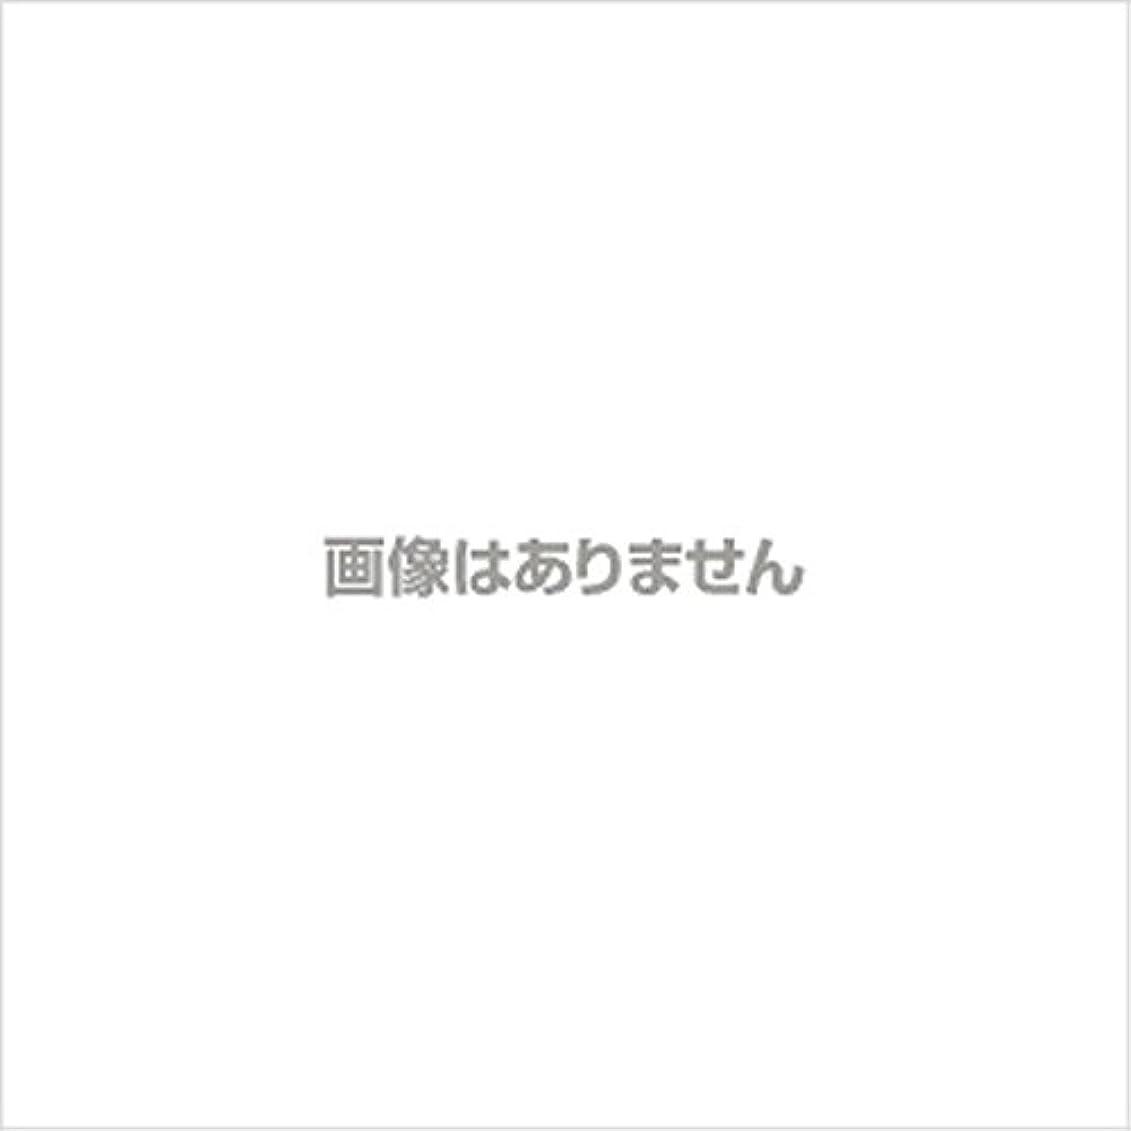 ウェブ委任死んでいる【新発売】EBUKEA エブケアNO1004 プラスチックグローブ(パウダーフリー?粉なし)Sサイズ 100枚入(極薄?半透明)